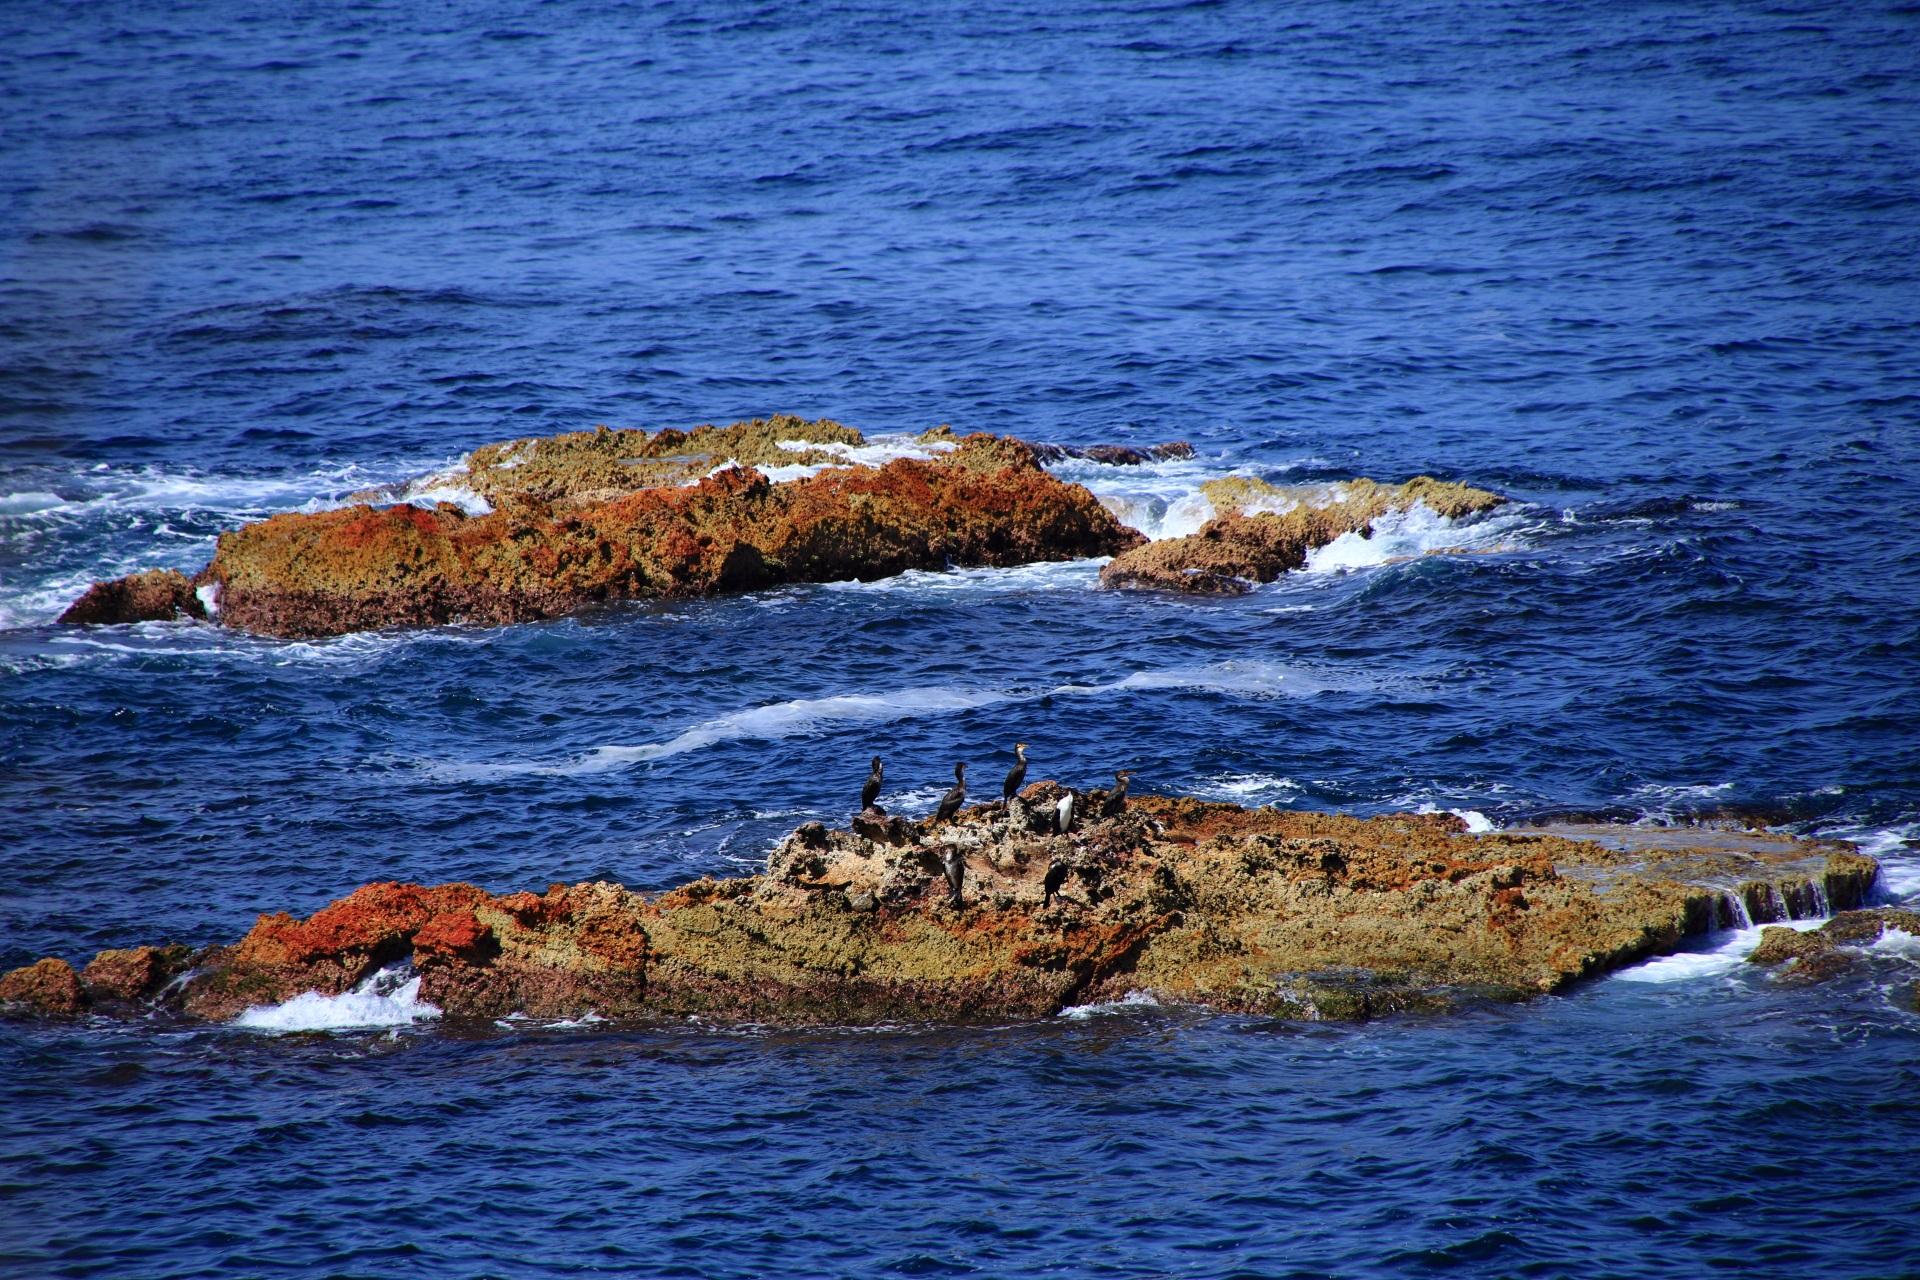 鳥が休憩する京丹後の海の岩場